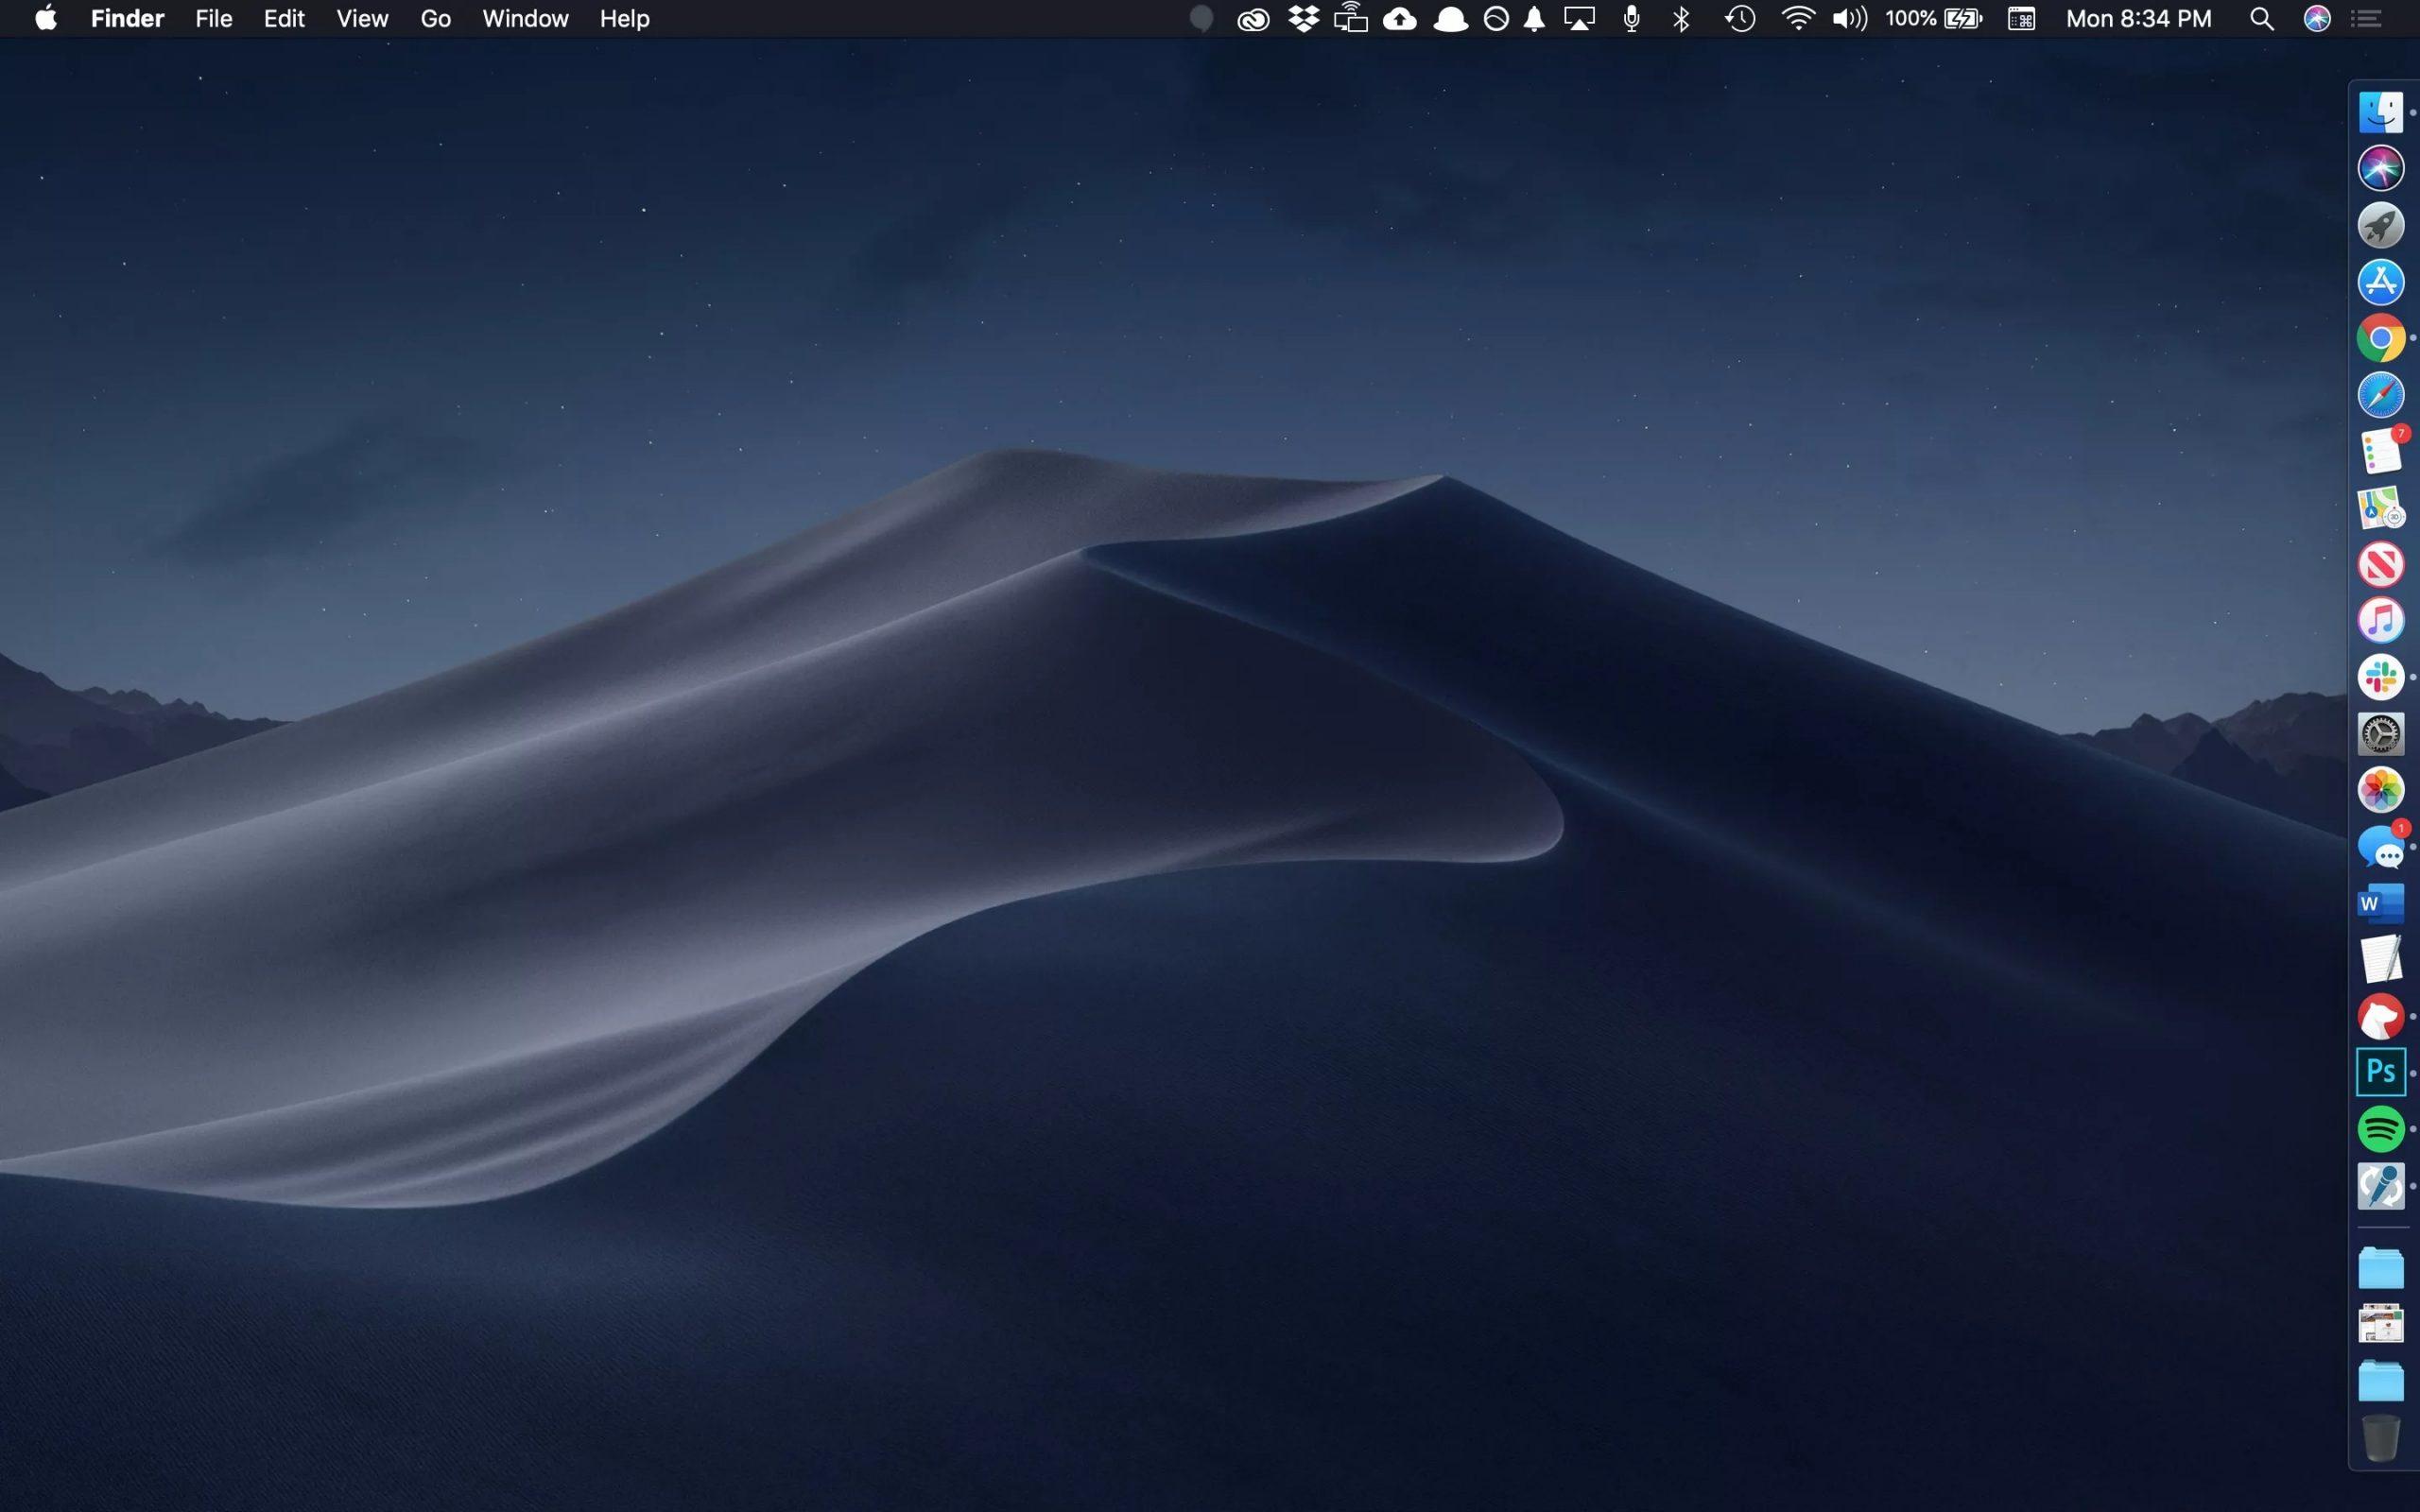 MacOS là gì, những phiên bản nào phổ biến nhất hiện nay? 10